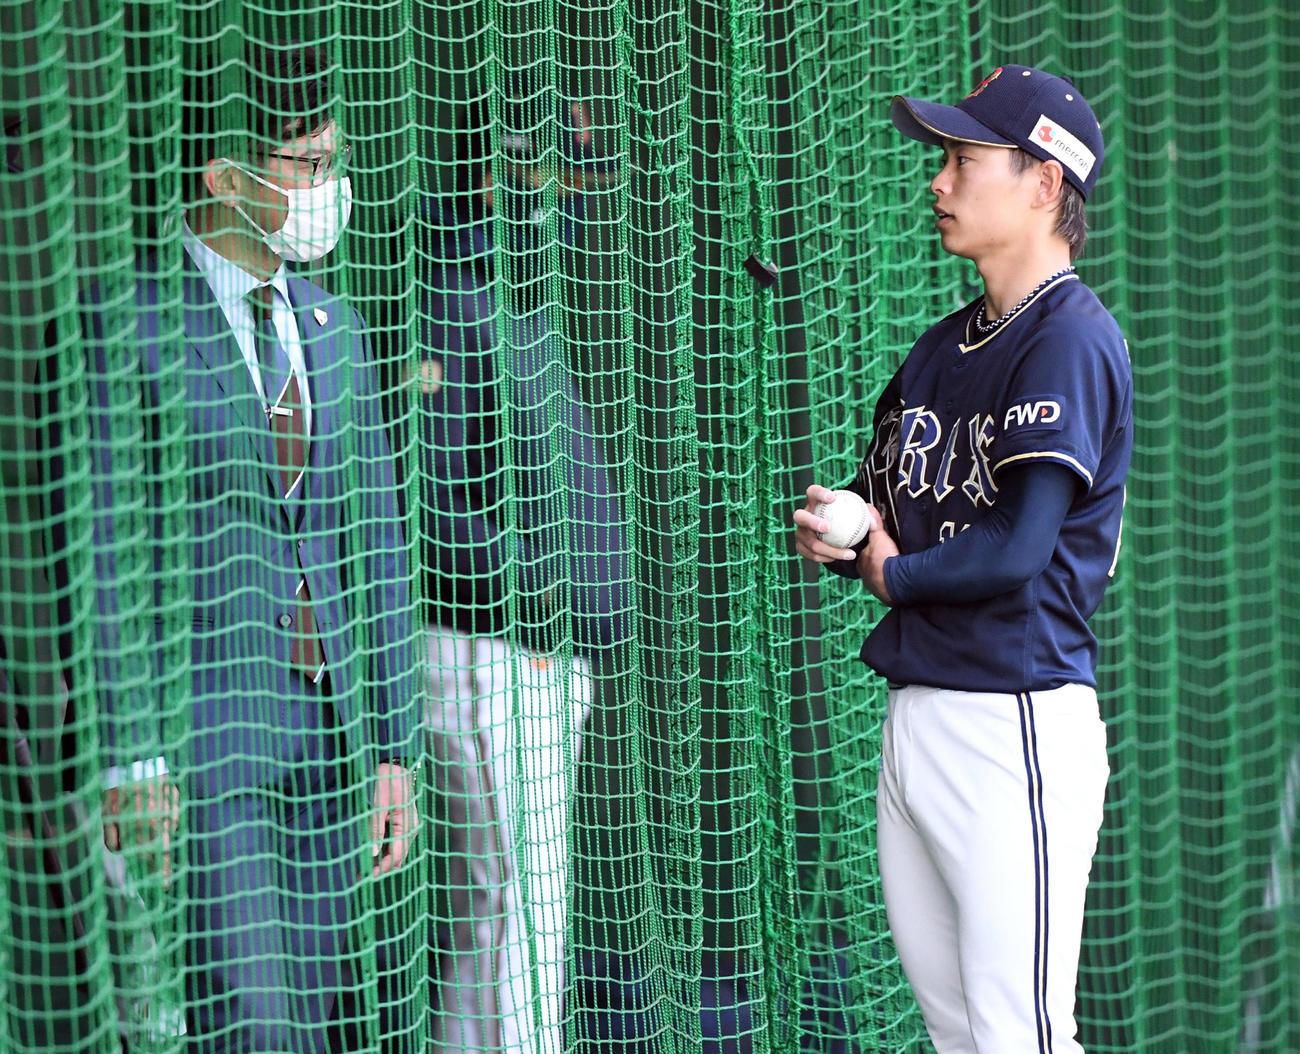 ブルペンで投球練習を終えたオリックス山岡(右)は侍ジャパン建山コーチと話す(撮影・前岡正明)